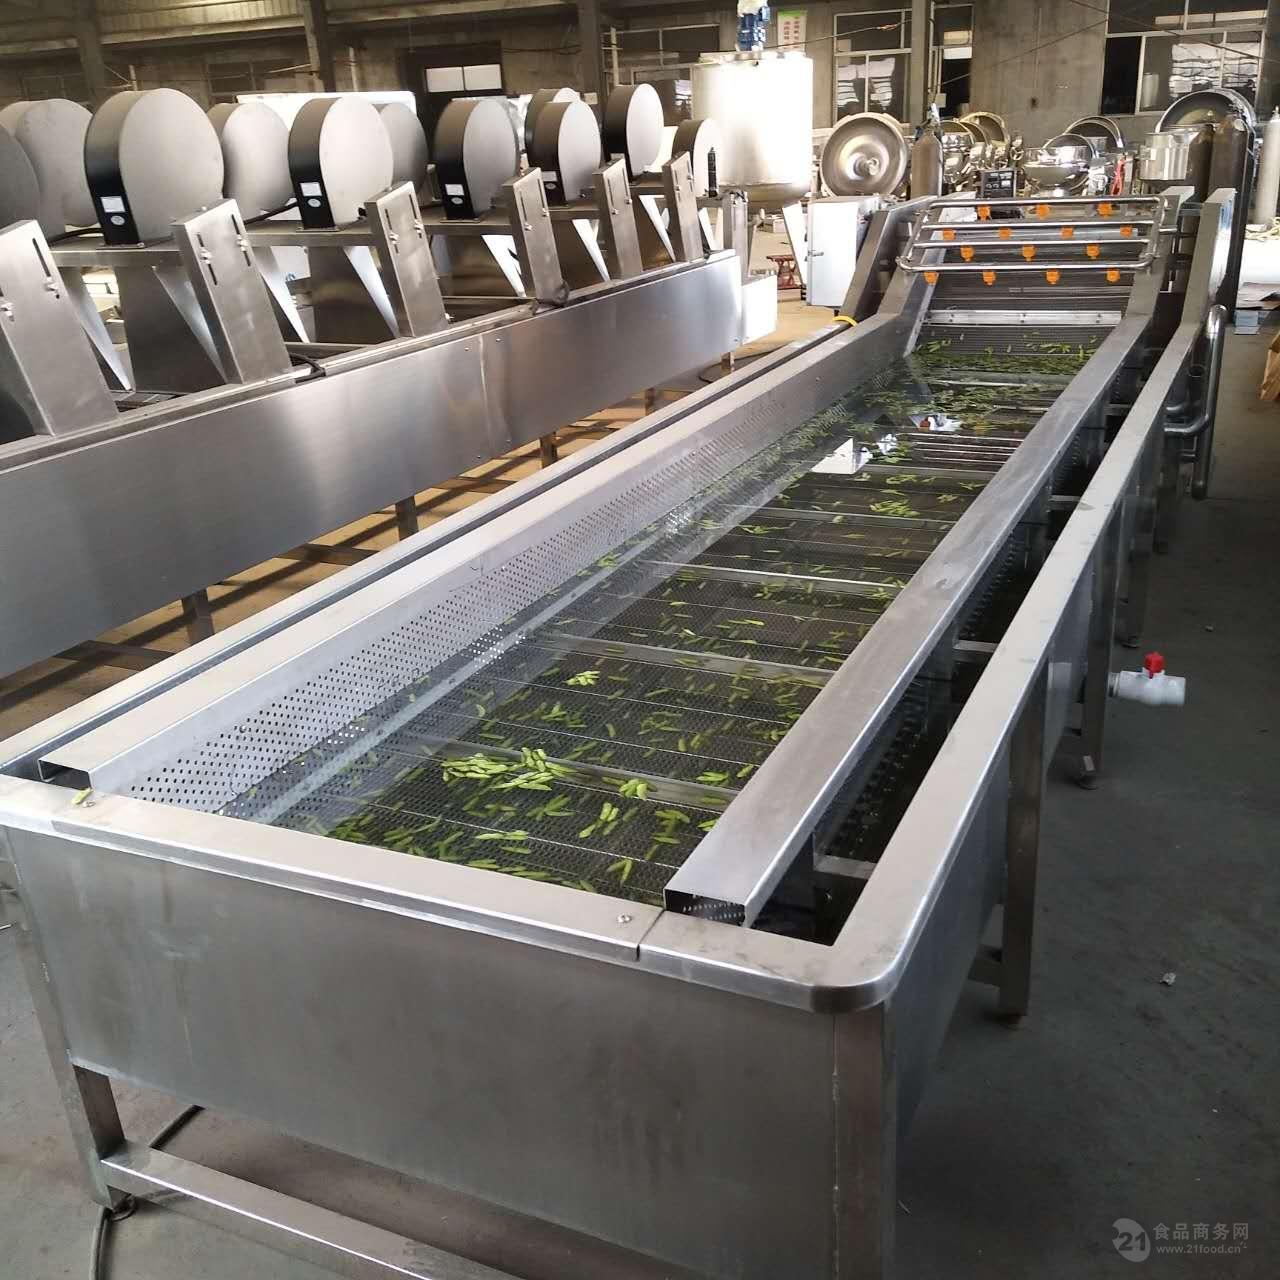 全自动气泡式蔬菜水果清洗机厂家